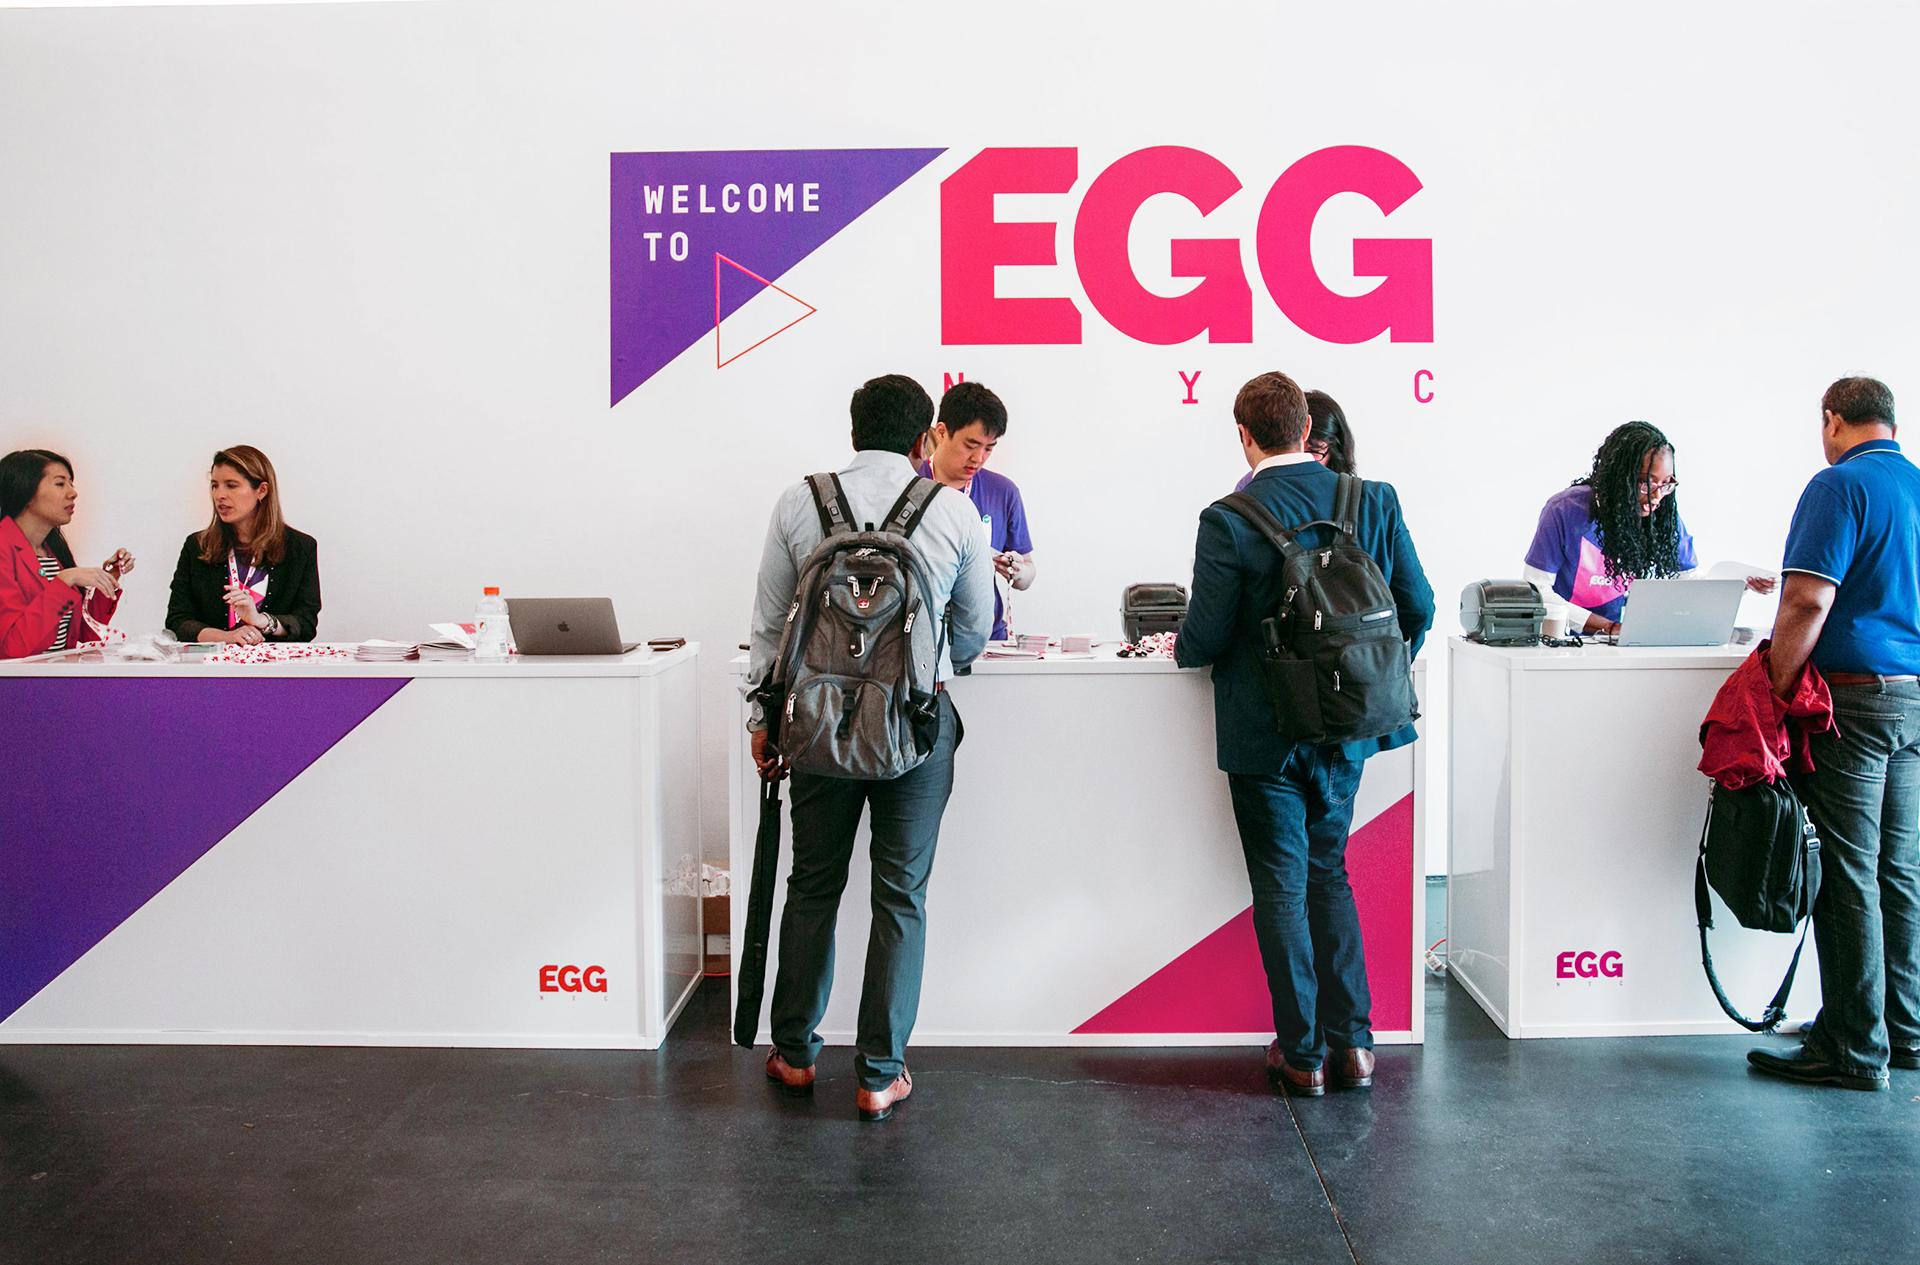 egg_regdesk.jpg